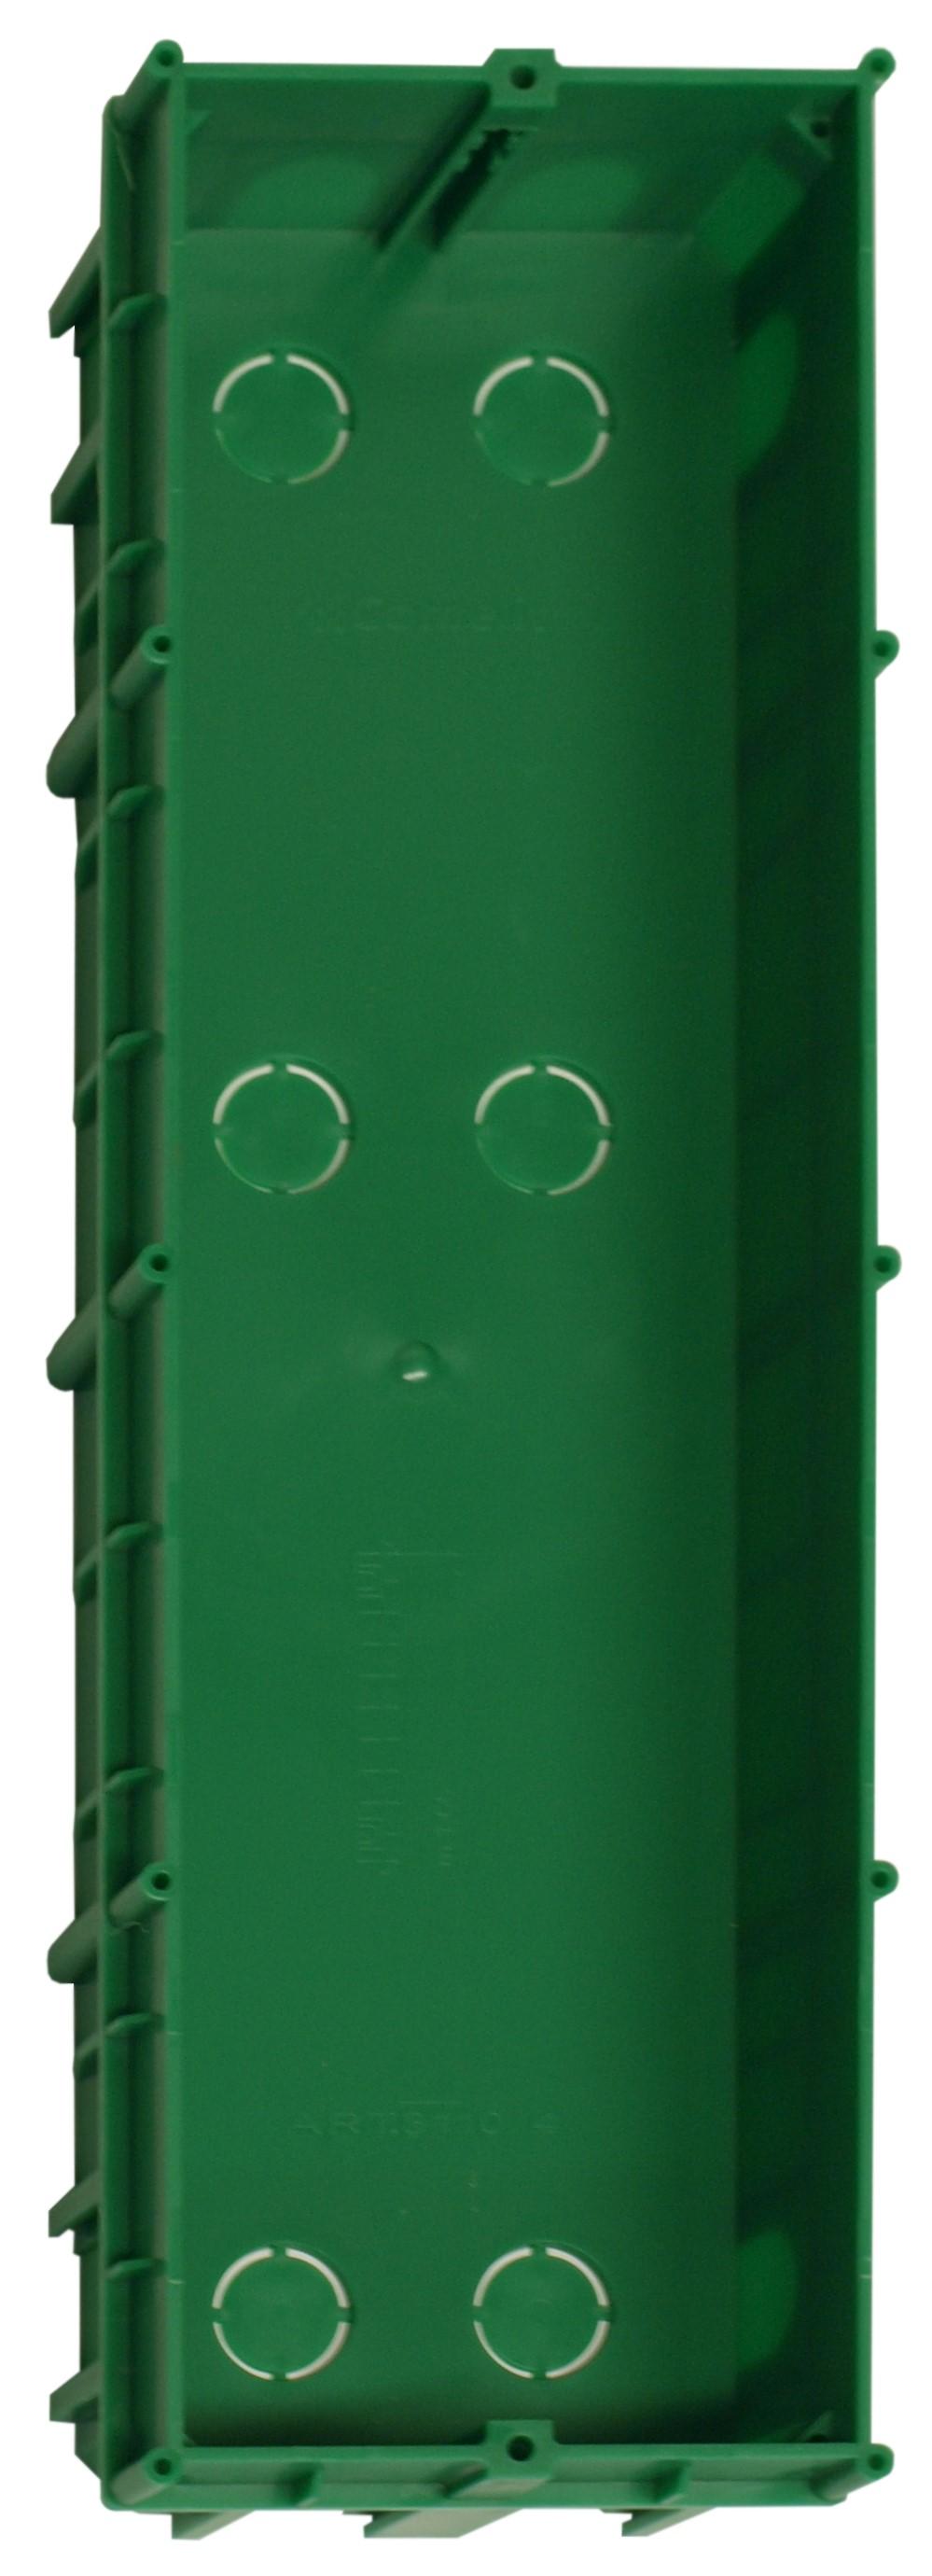 1 Stk Unterputzdose für 4 Module SP311004--